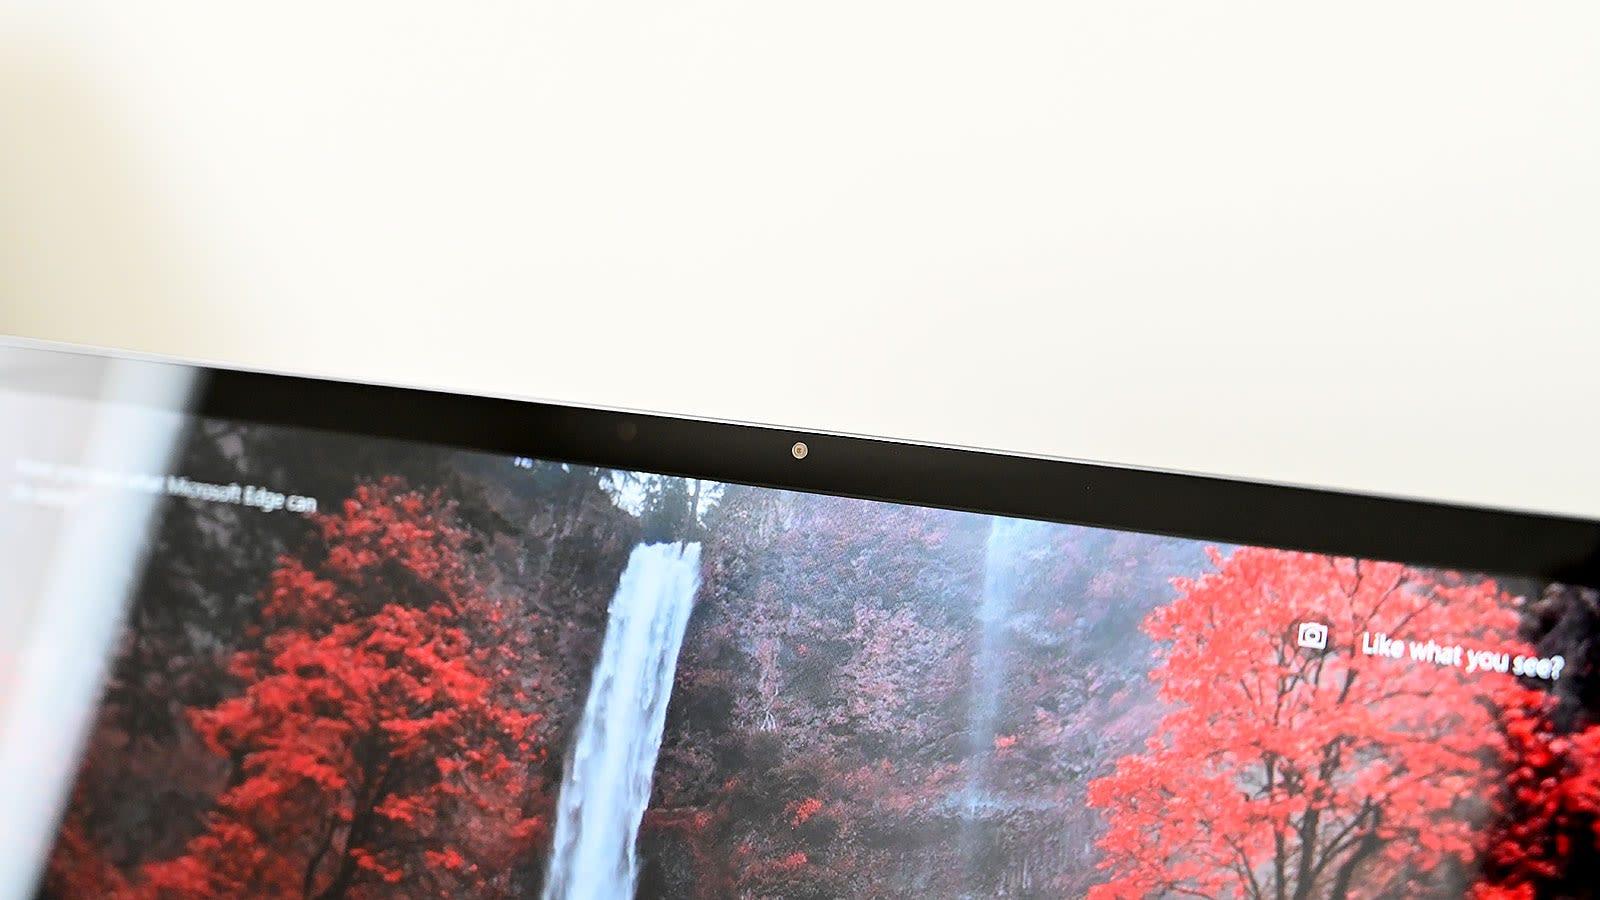 Es un poco triste ver una webcam normal en el MateBook 13 en lugar de la cámara pop-up usada en el MateBook X Pro, pero es un buen cambio para la usabilidad general.